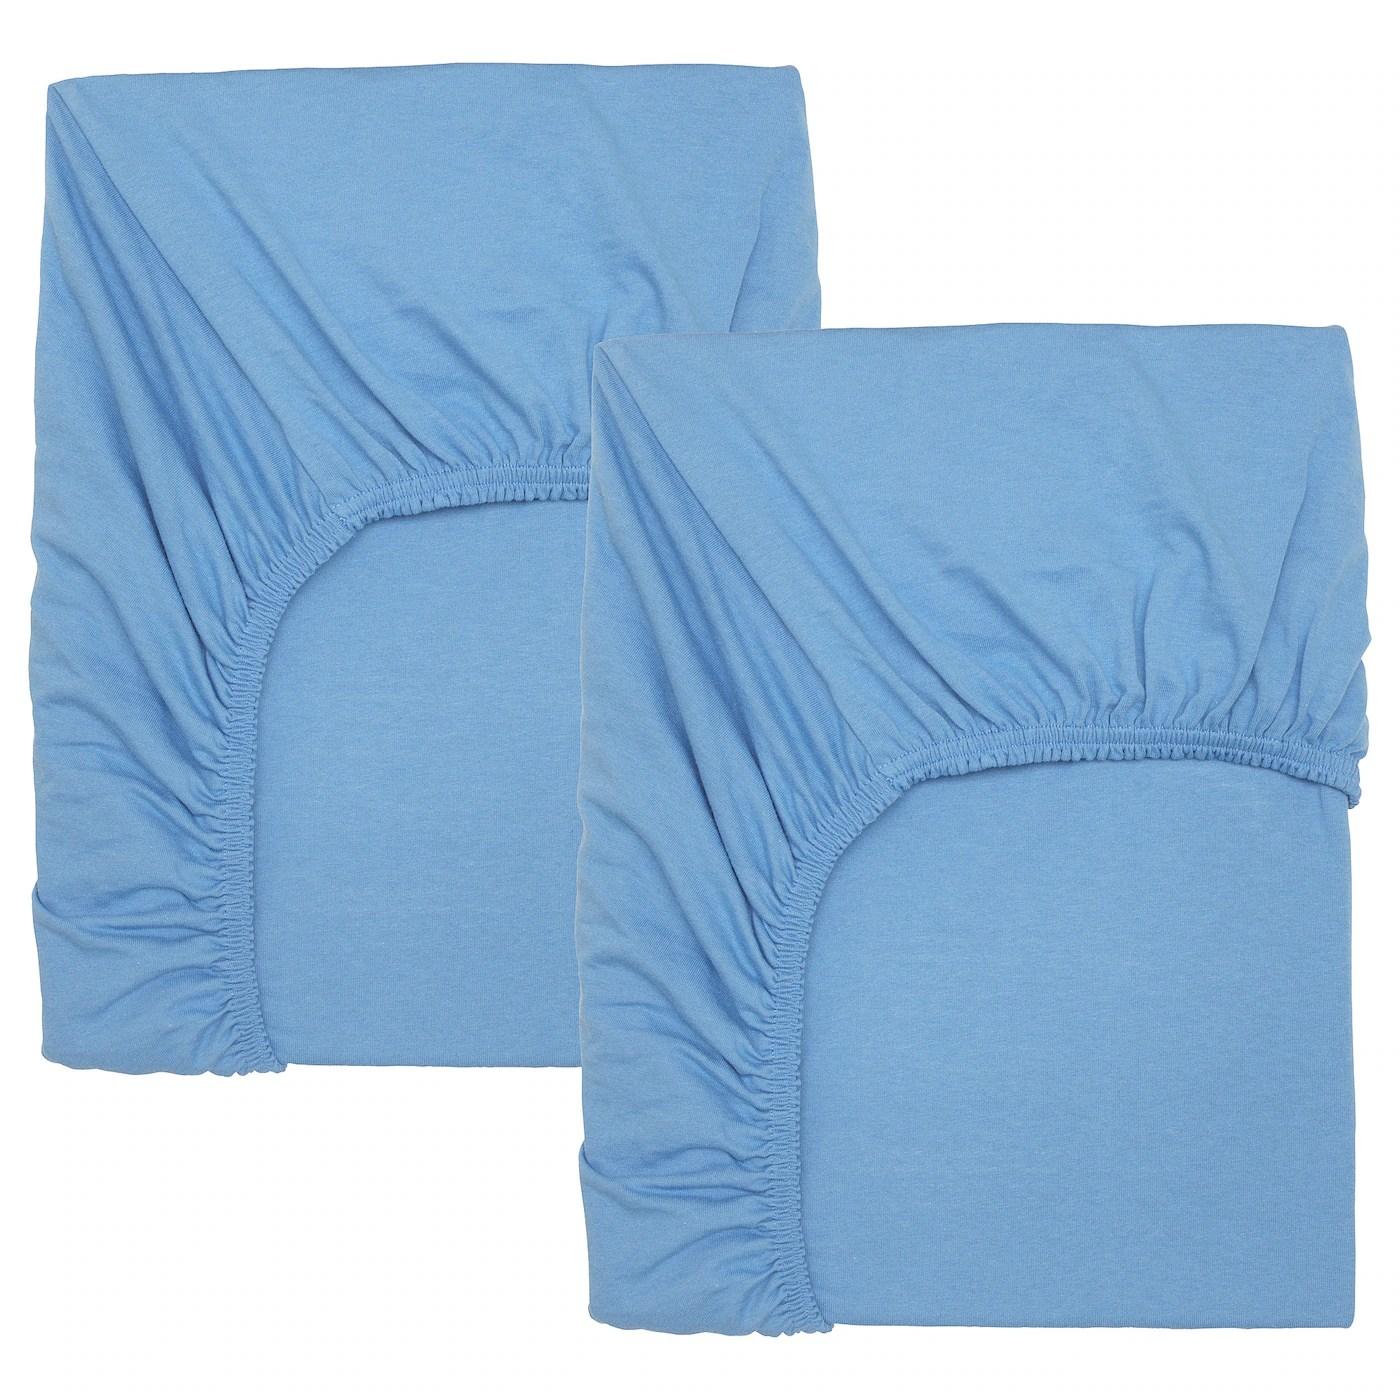 Len Drap Housse Pour Lit Bebe Bleu Clair 60x120 Cm Ikea